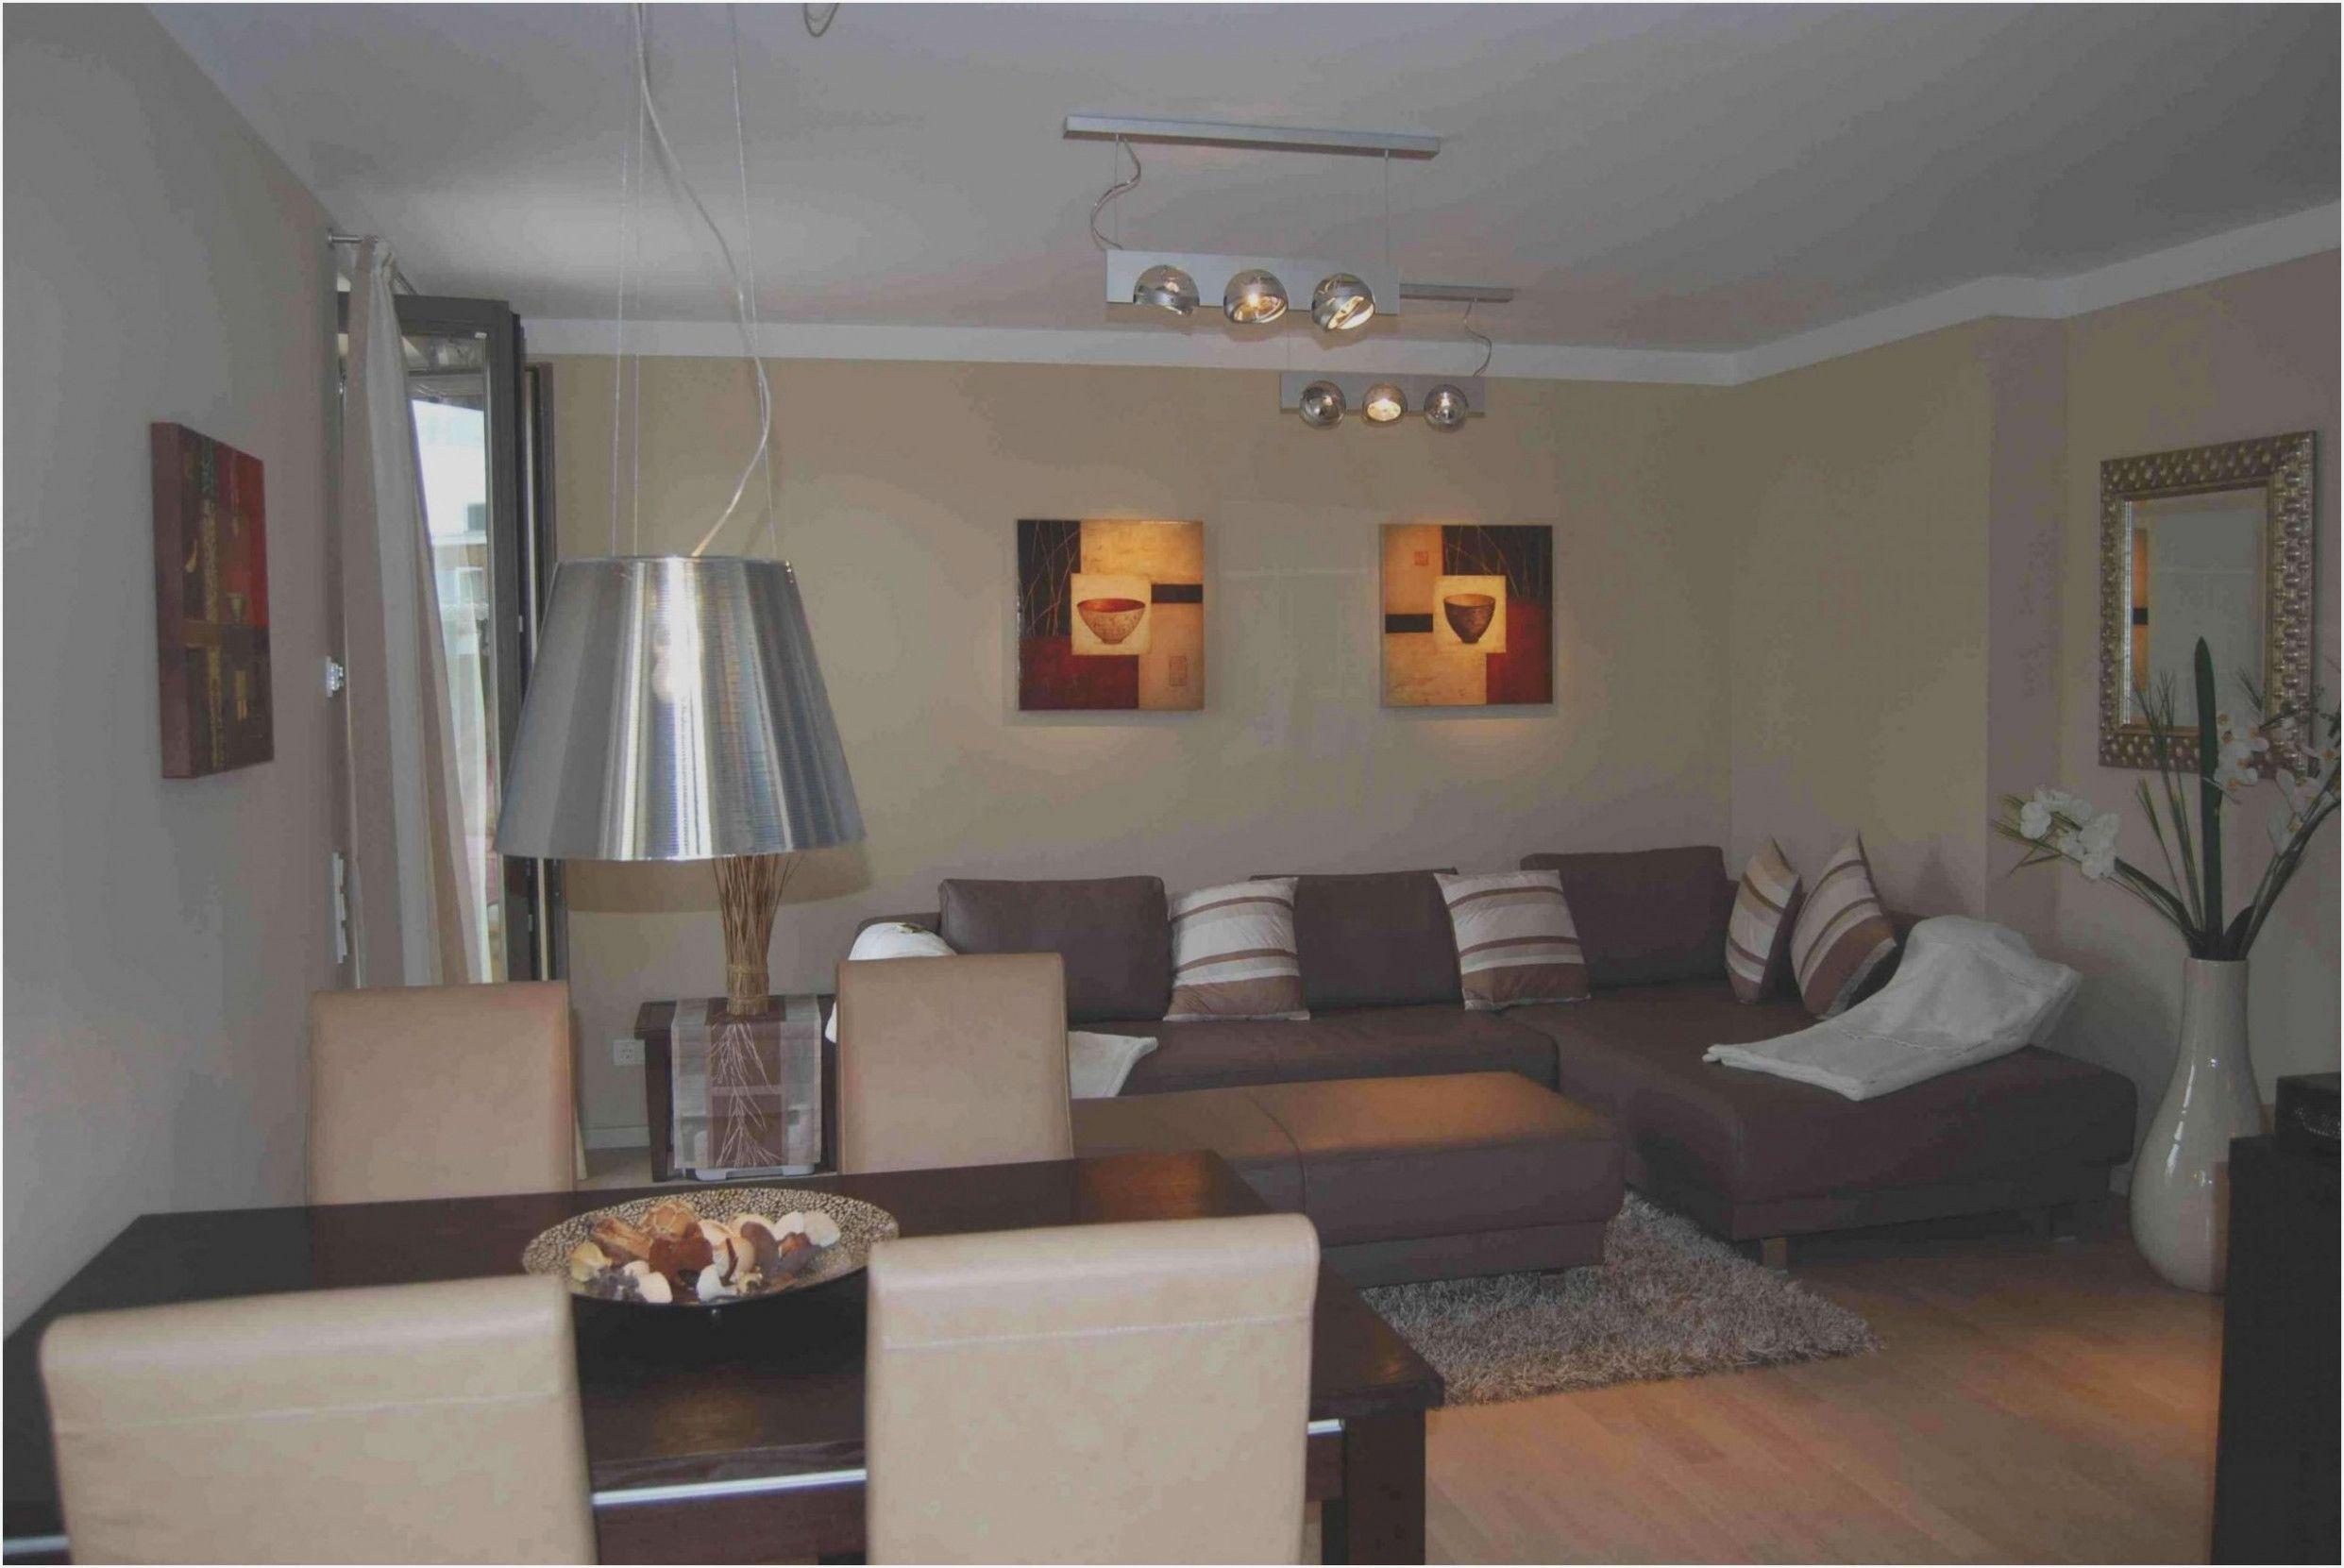 8 Essbereich Im Wohnzimmer Ideen in 8  Kleines wohnzimmer